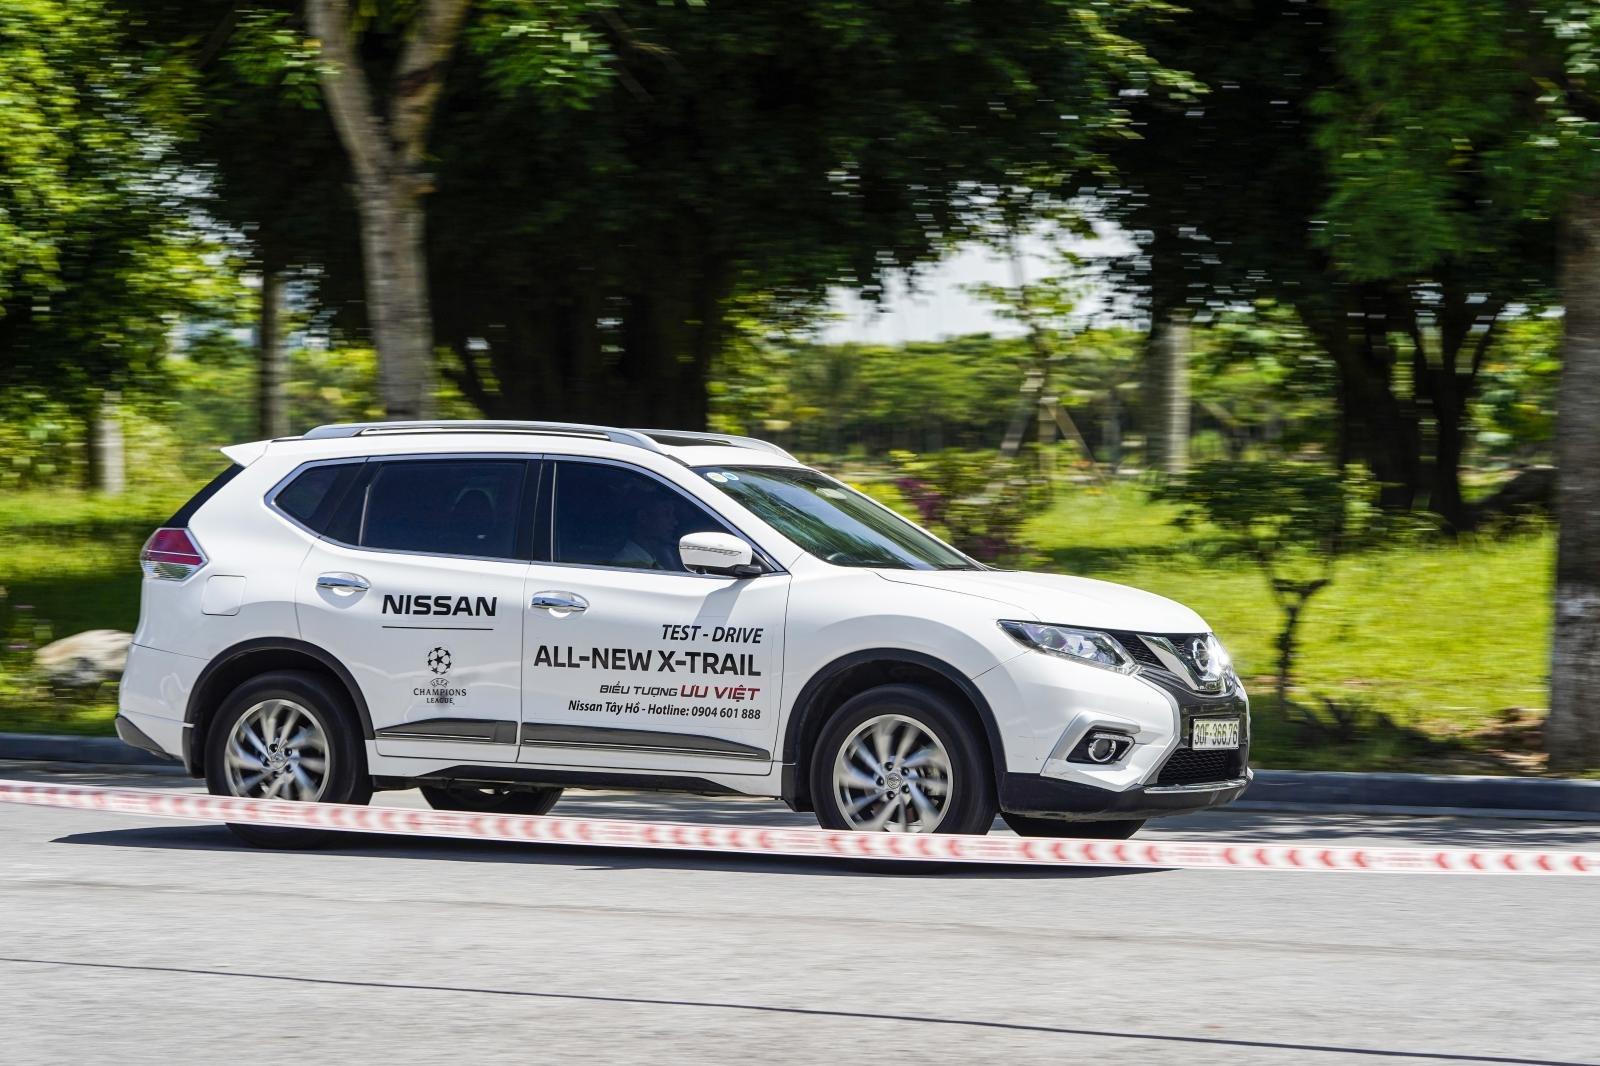 Nissan Teana và X-Trail ngừng sản xuất tại Thái Lan, số phận nào cho những mẫu xe này tại Việt Nam